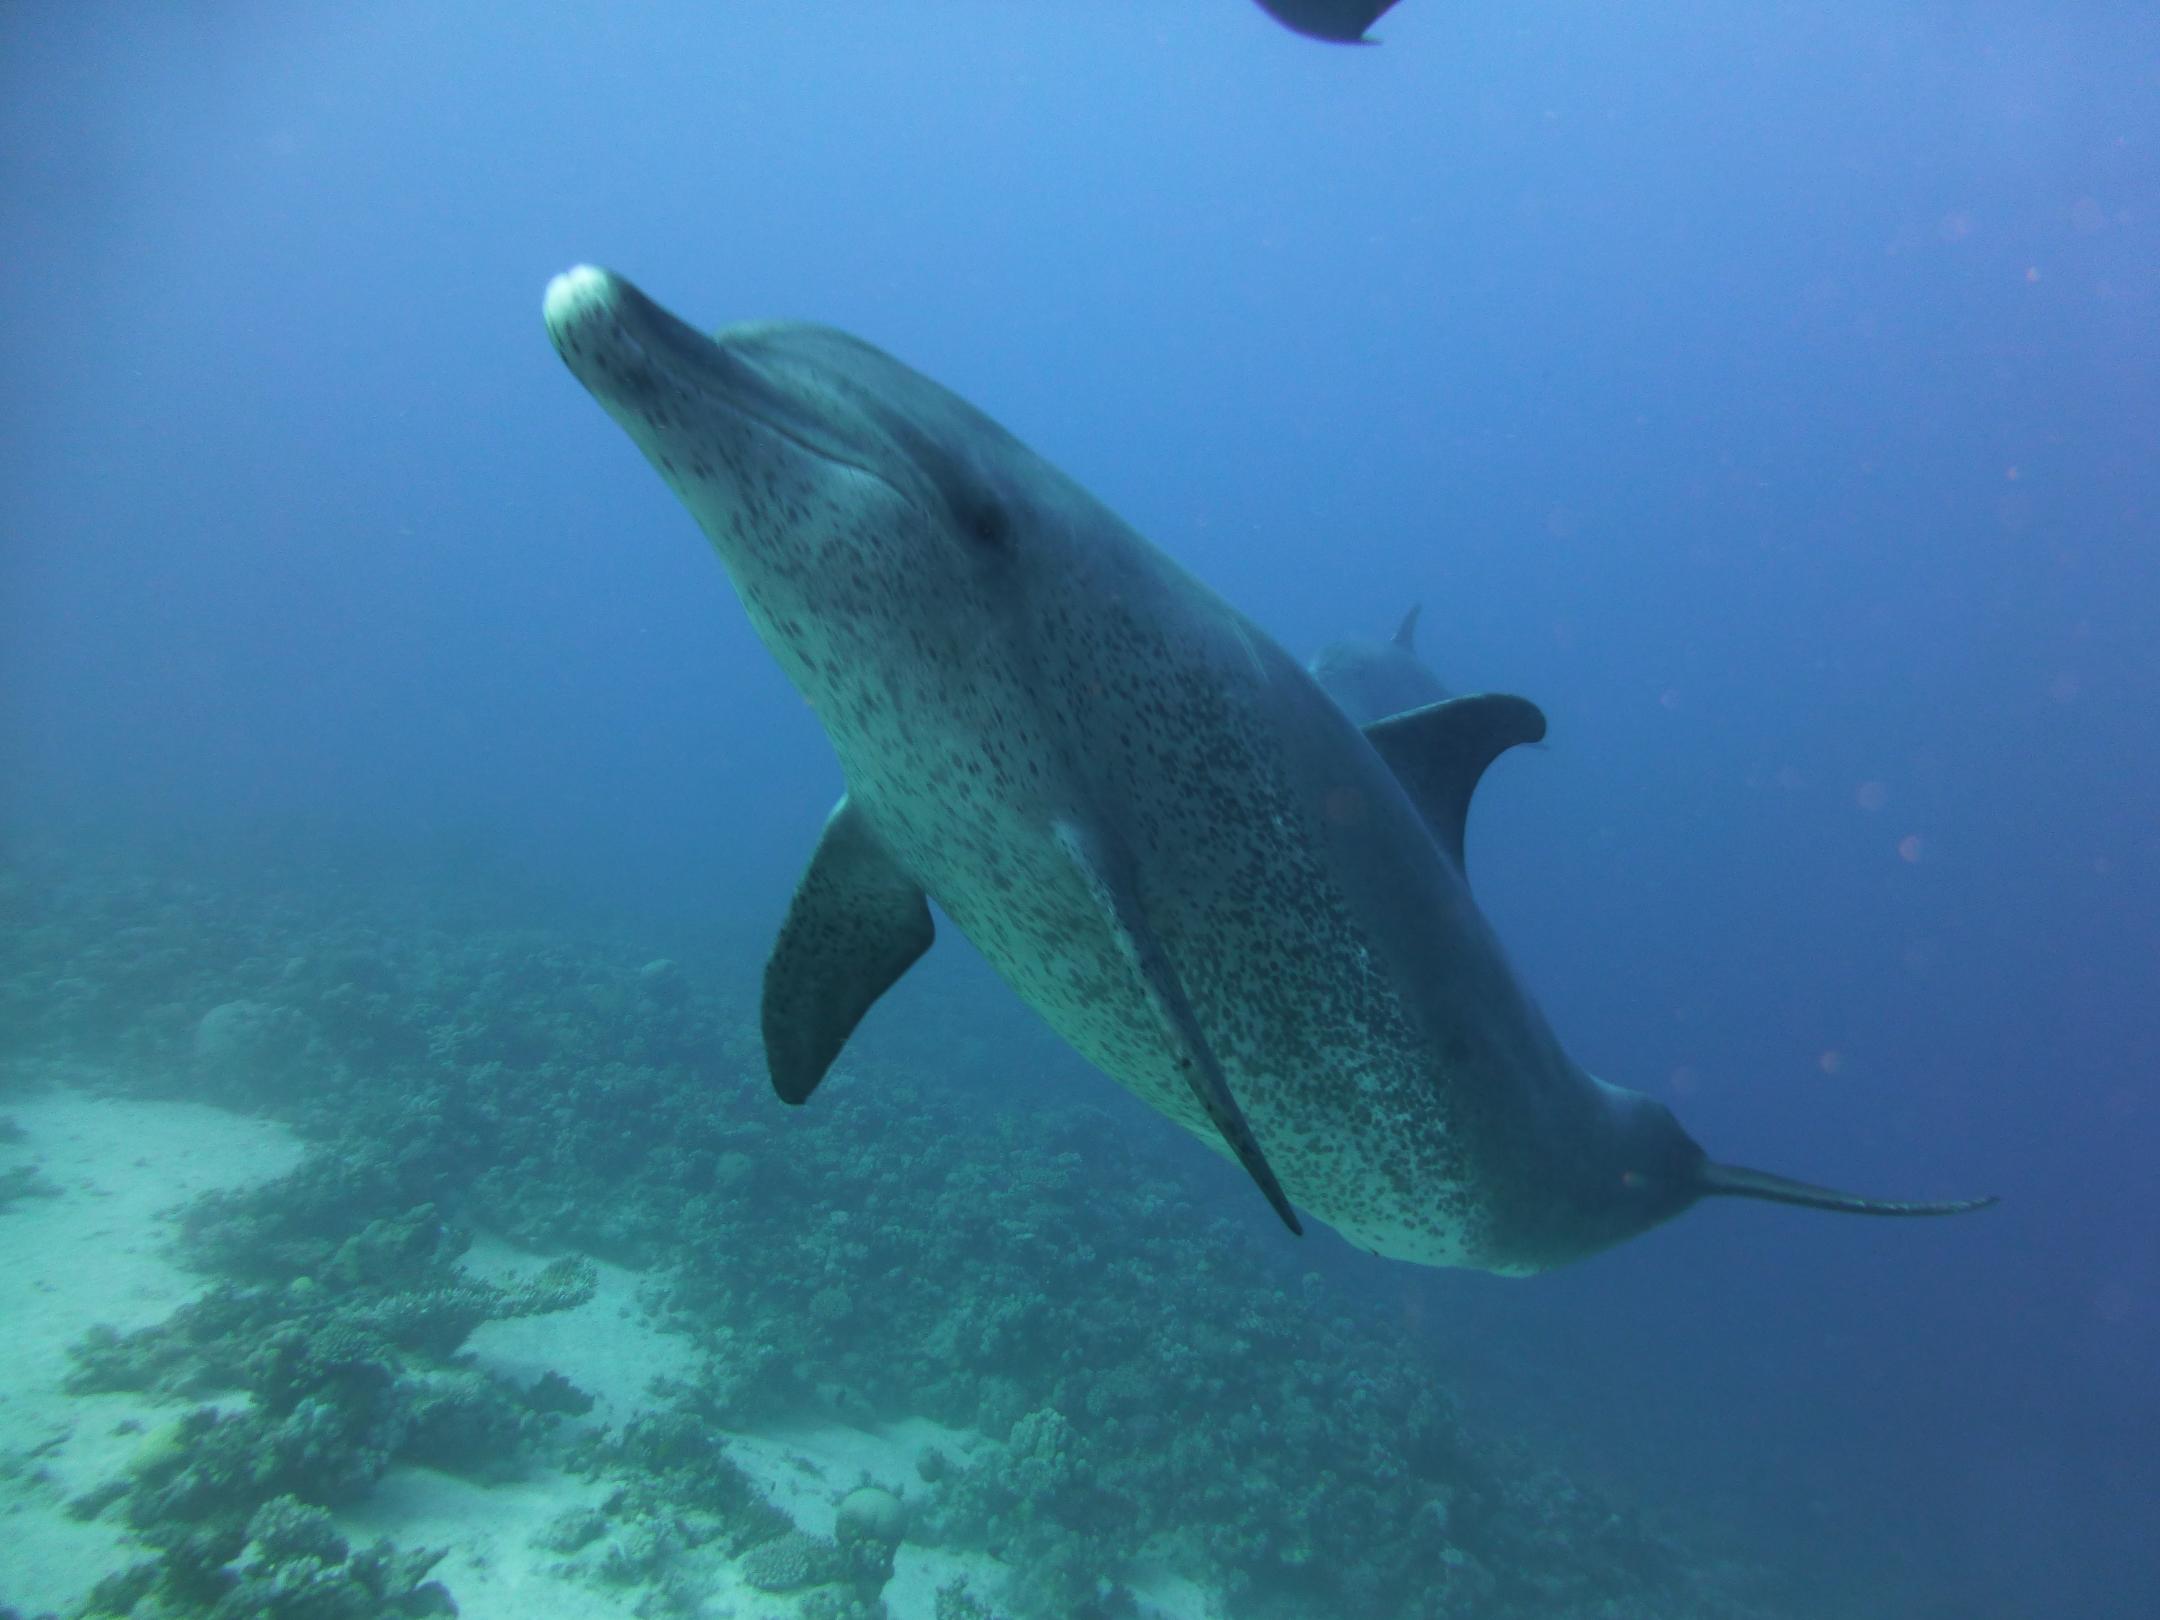 Dogterom-Dolfijnen-foto5-93684